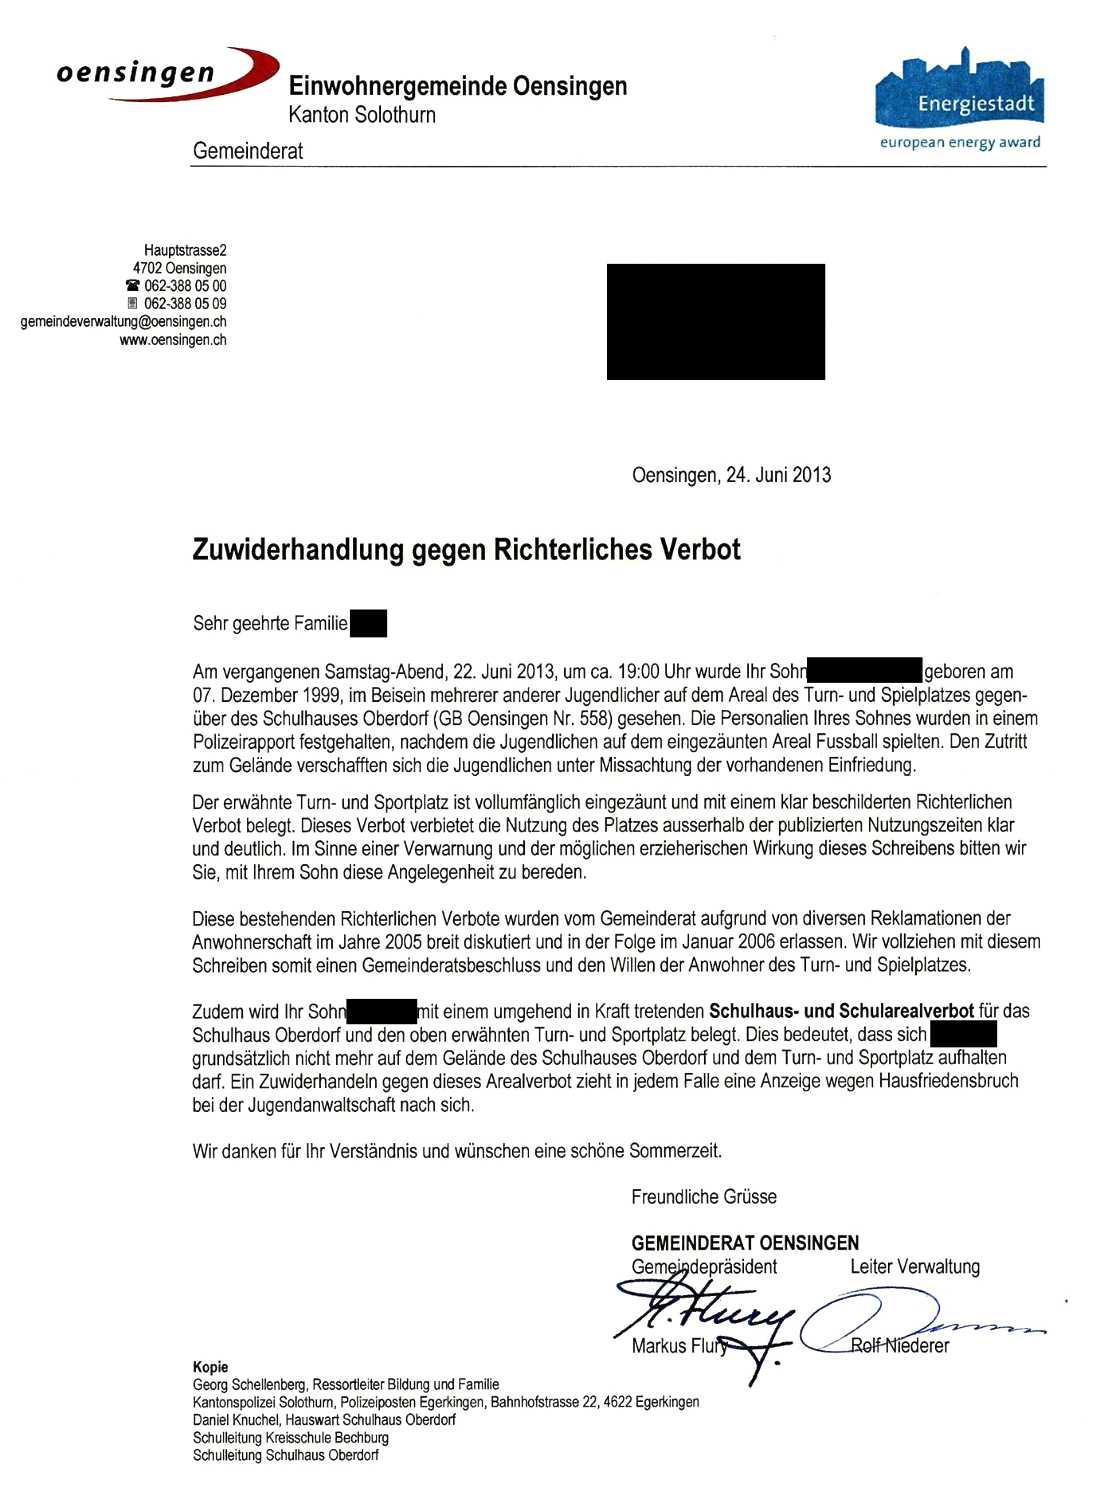 Hausverbot Vorlage Muster Hausverbot Muster Kostenlos Download Auf Excite De 2019 12 17